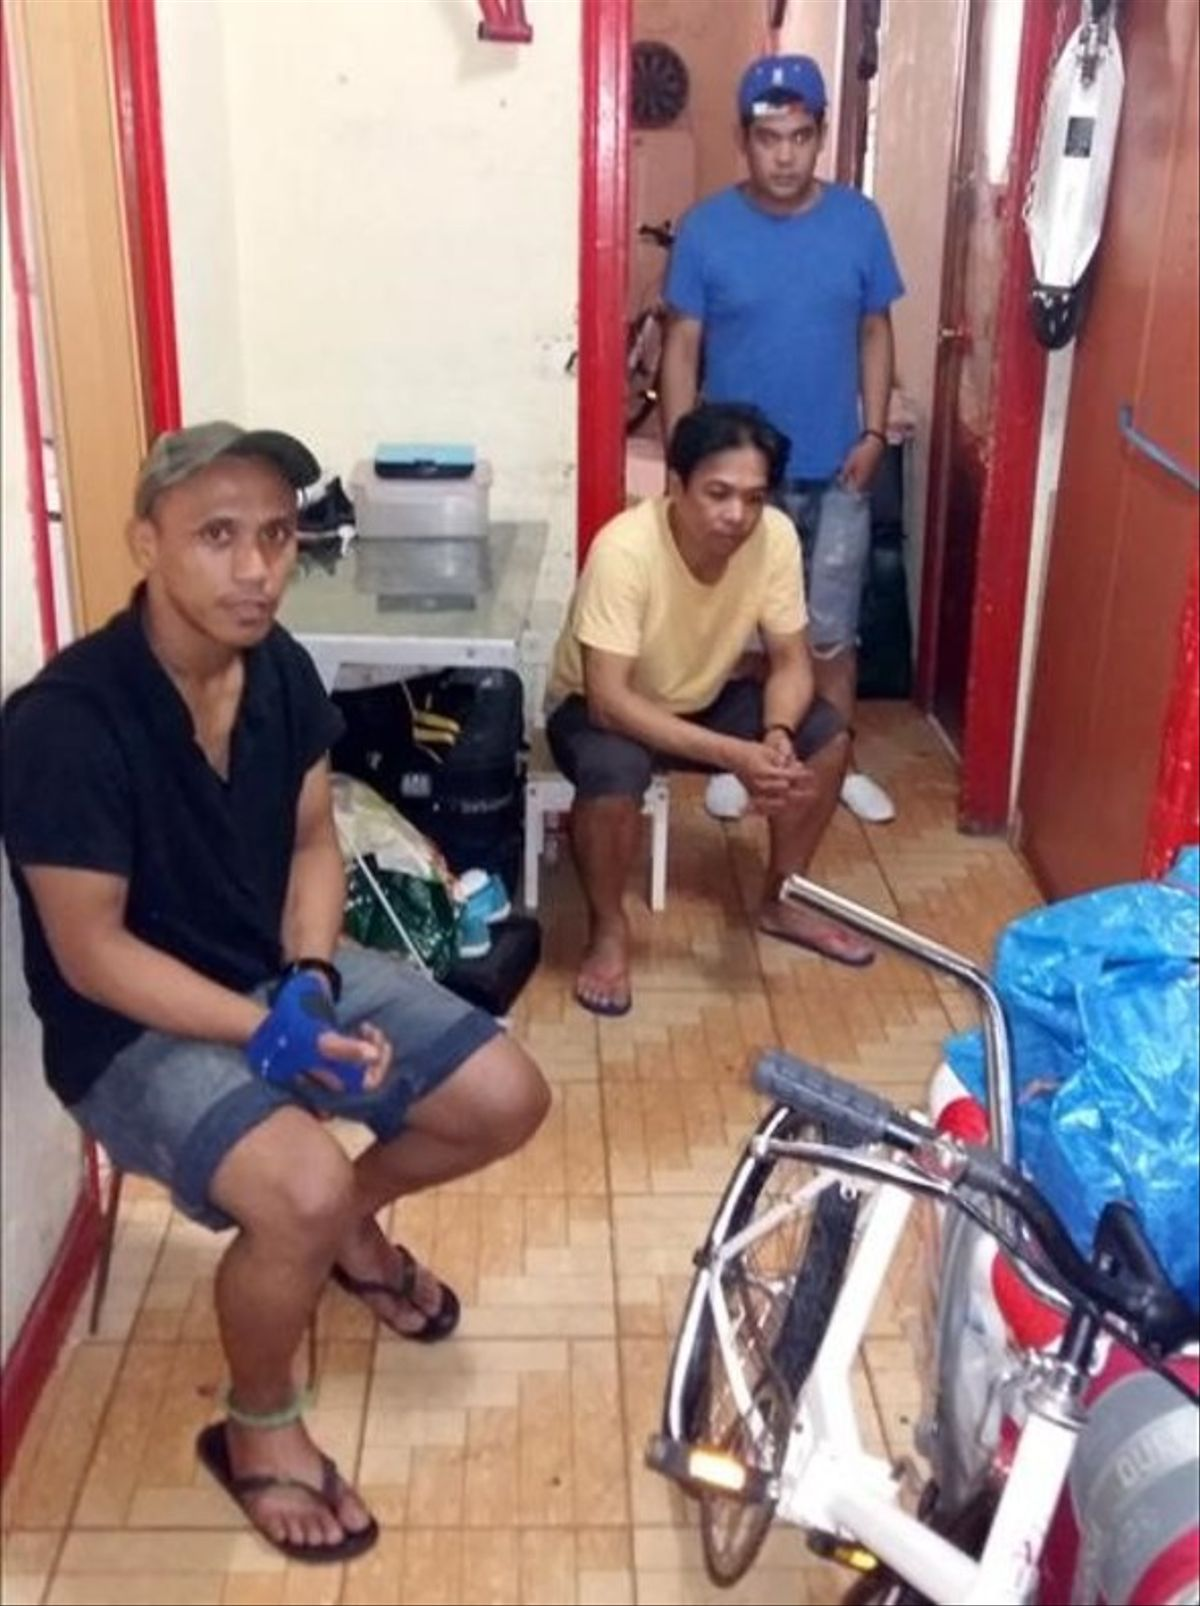 Algunos de los habitantes del piso de la calle de la Cera que estuvo a punto de ser desalojado por una empresa de seguridad privada el pasado jueves.